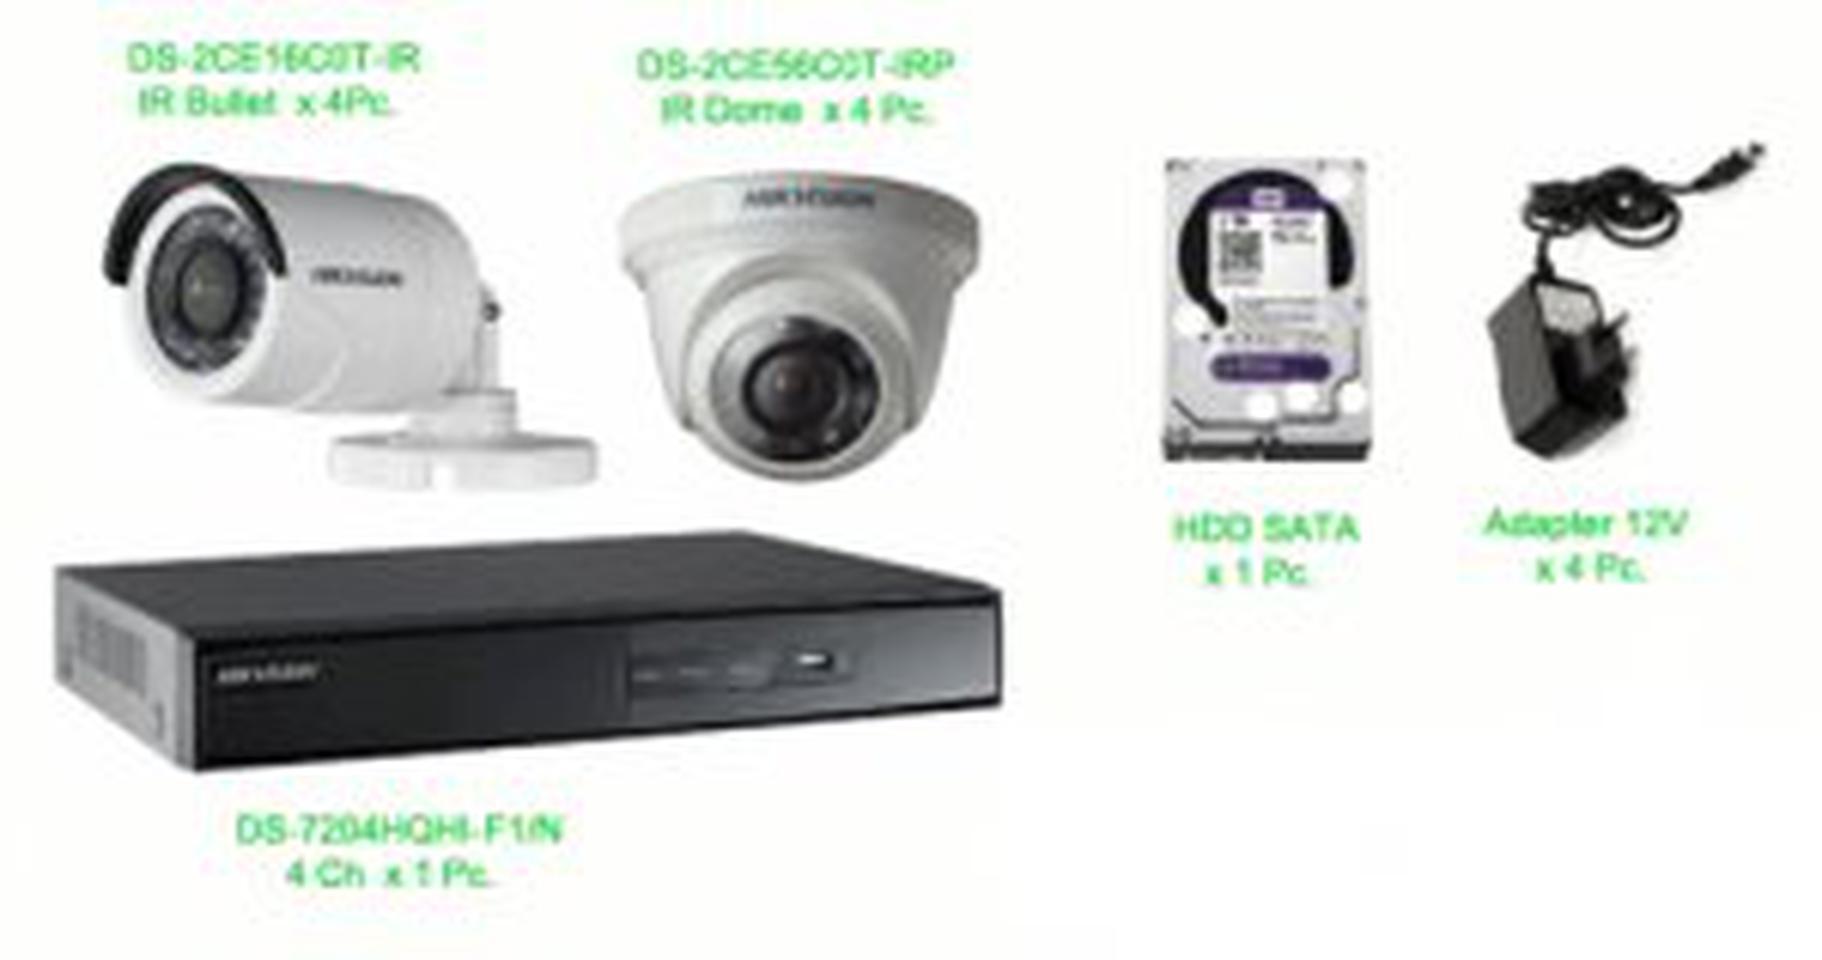 ชุด กล้องวงจรปิด hikvision ราคาถูก 1 ล้านพิกเซล 4 ตัว รูปที่ 1